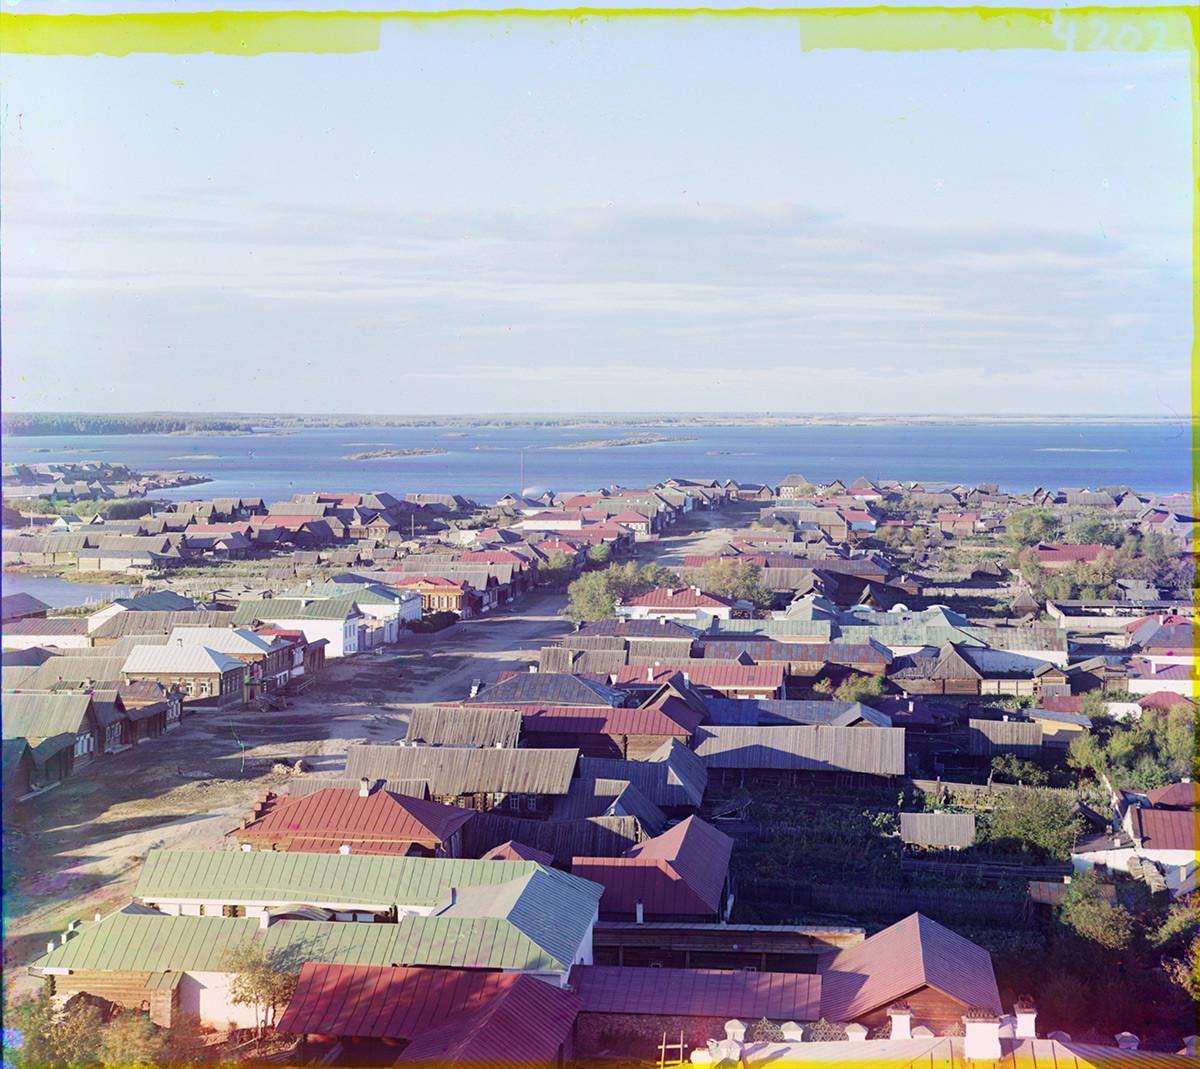 Kasli. Pogled proti severu z jezerom Velike Kasli. Poletje 1909